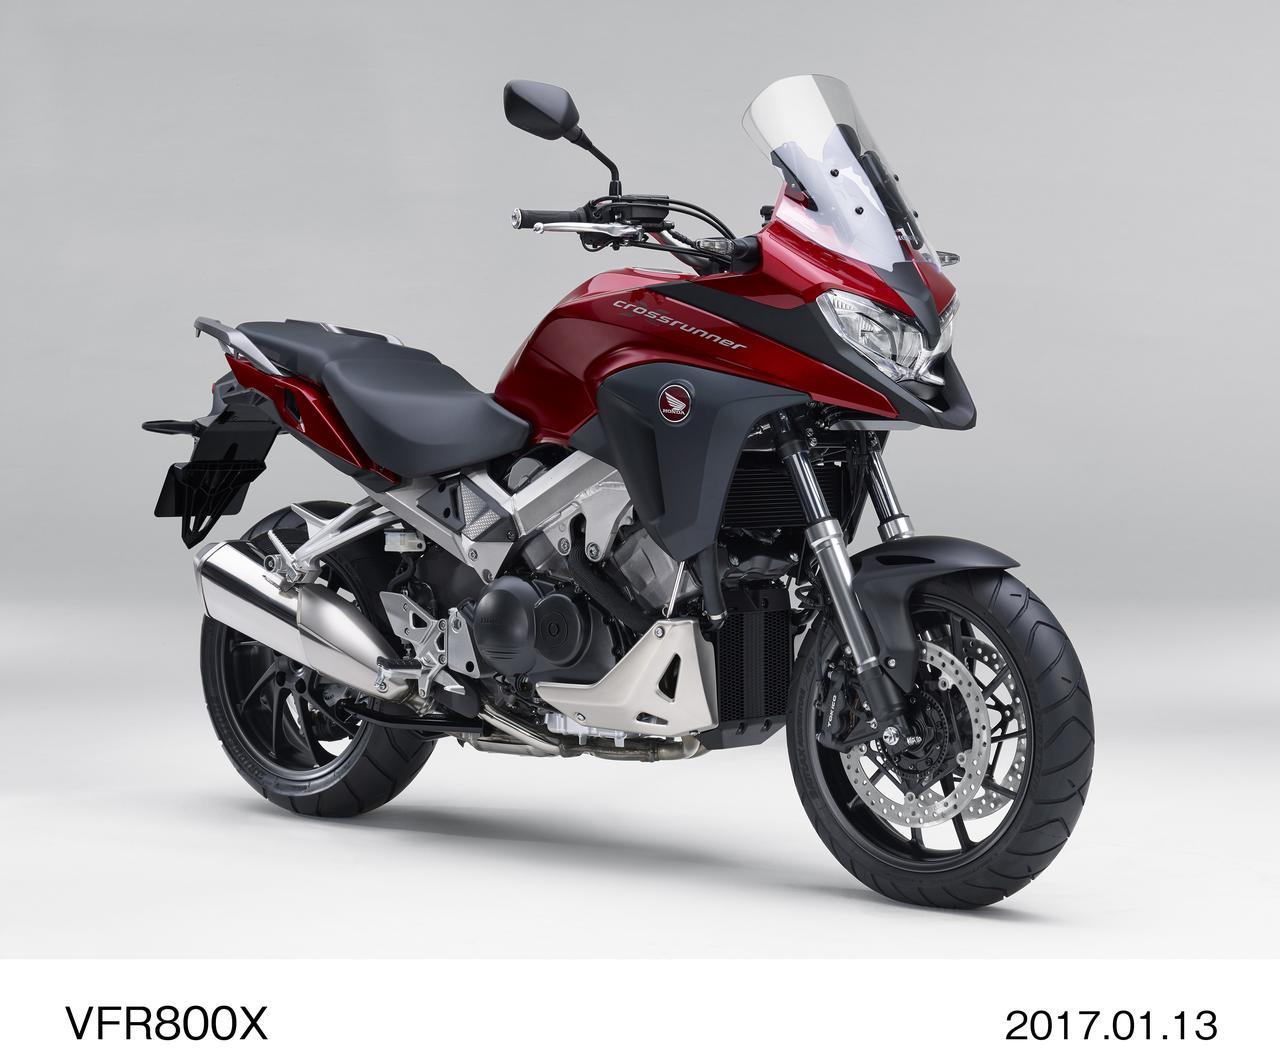 画像: HONDA VFR800X 143万6400円(消費税抜き本体価格 133万円)